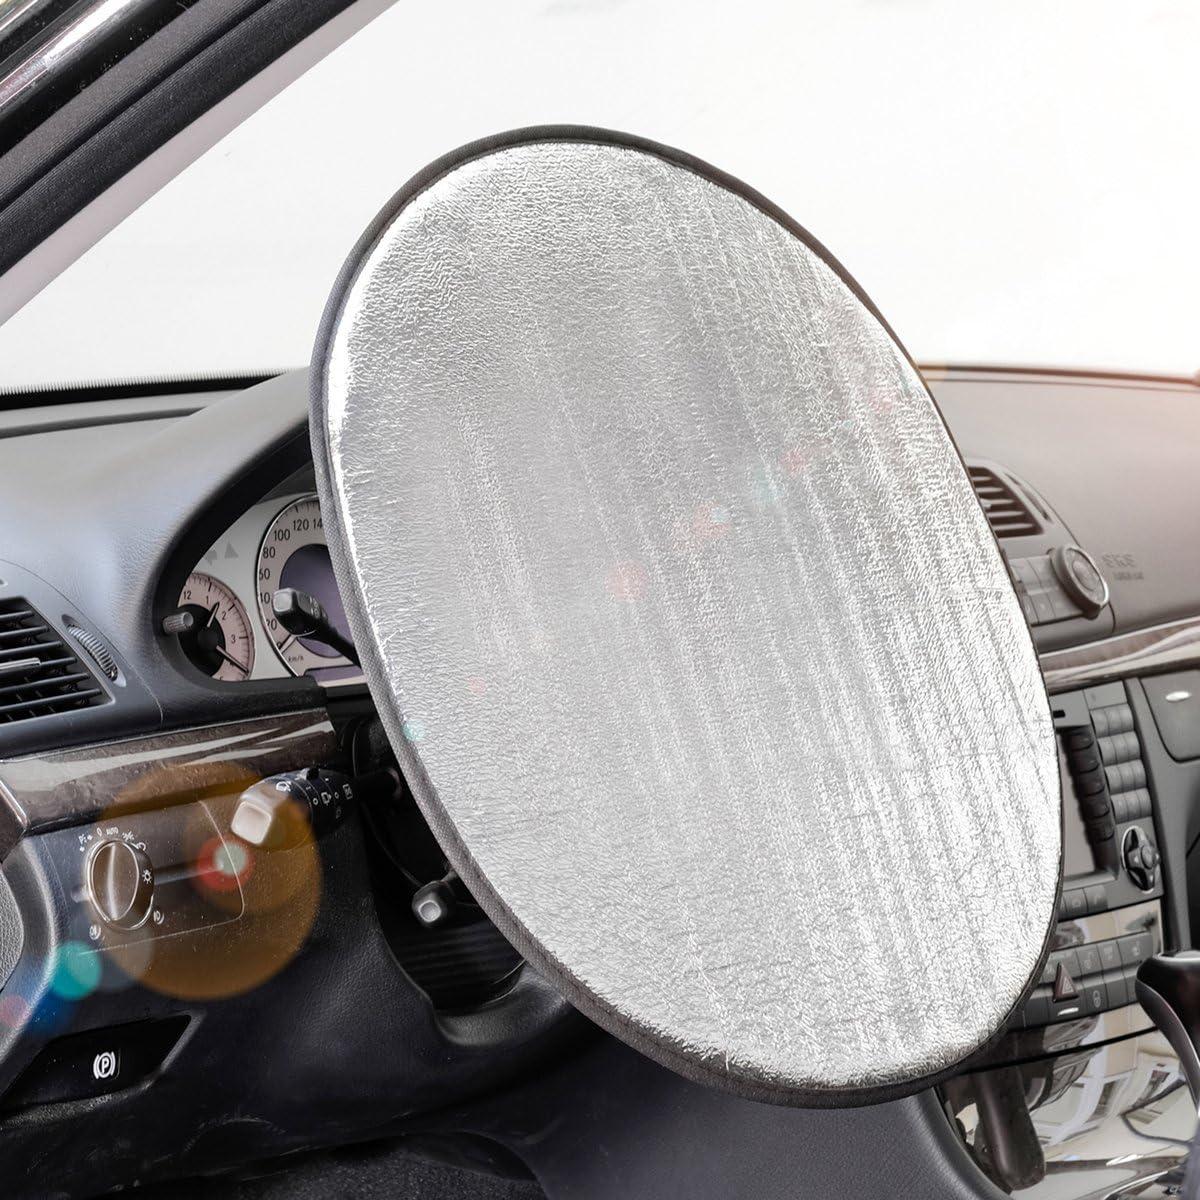 Lenkradschutz Durchmesser 42,5 cm Lenkradbezug anti Hitze keine Verbrennungen Sonneneinstrahlungen werden reflektiert Abdeckung Lenkrad Hitzeschutz